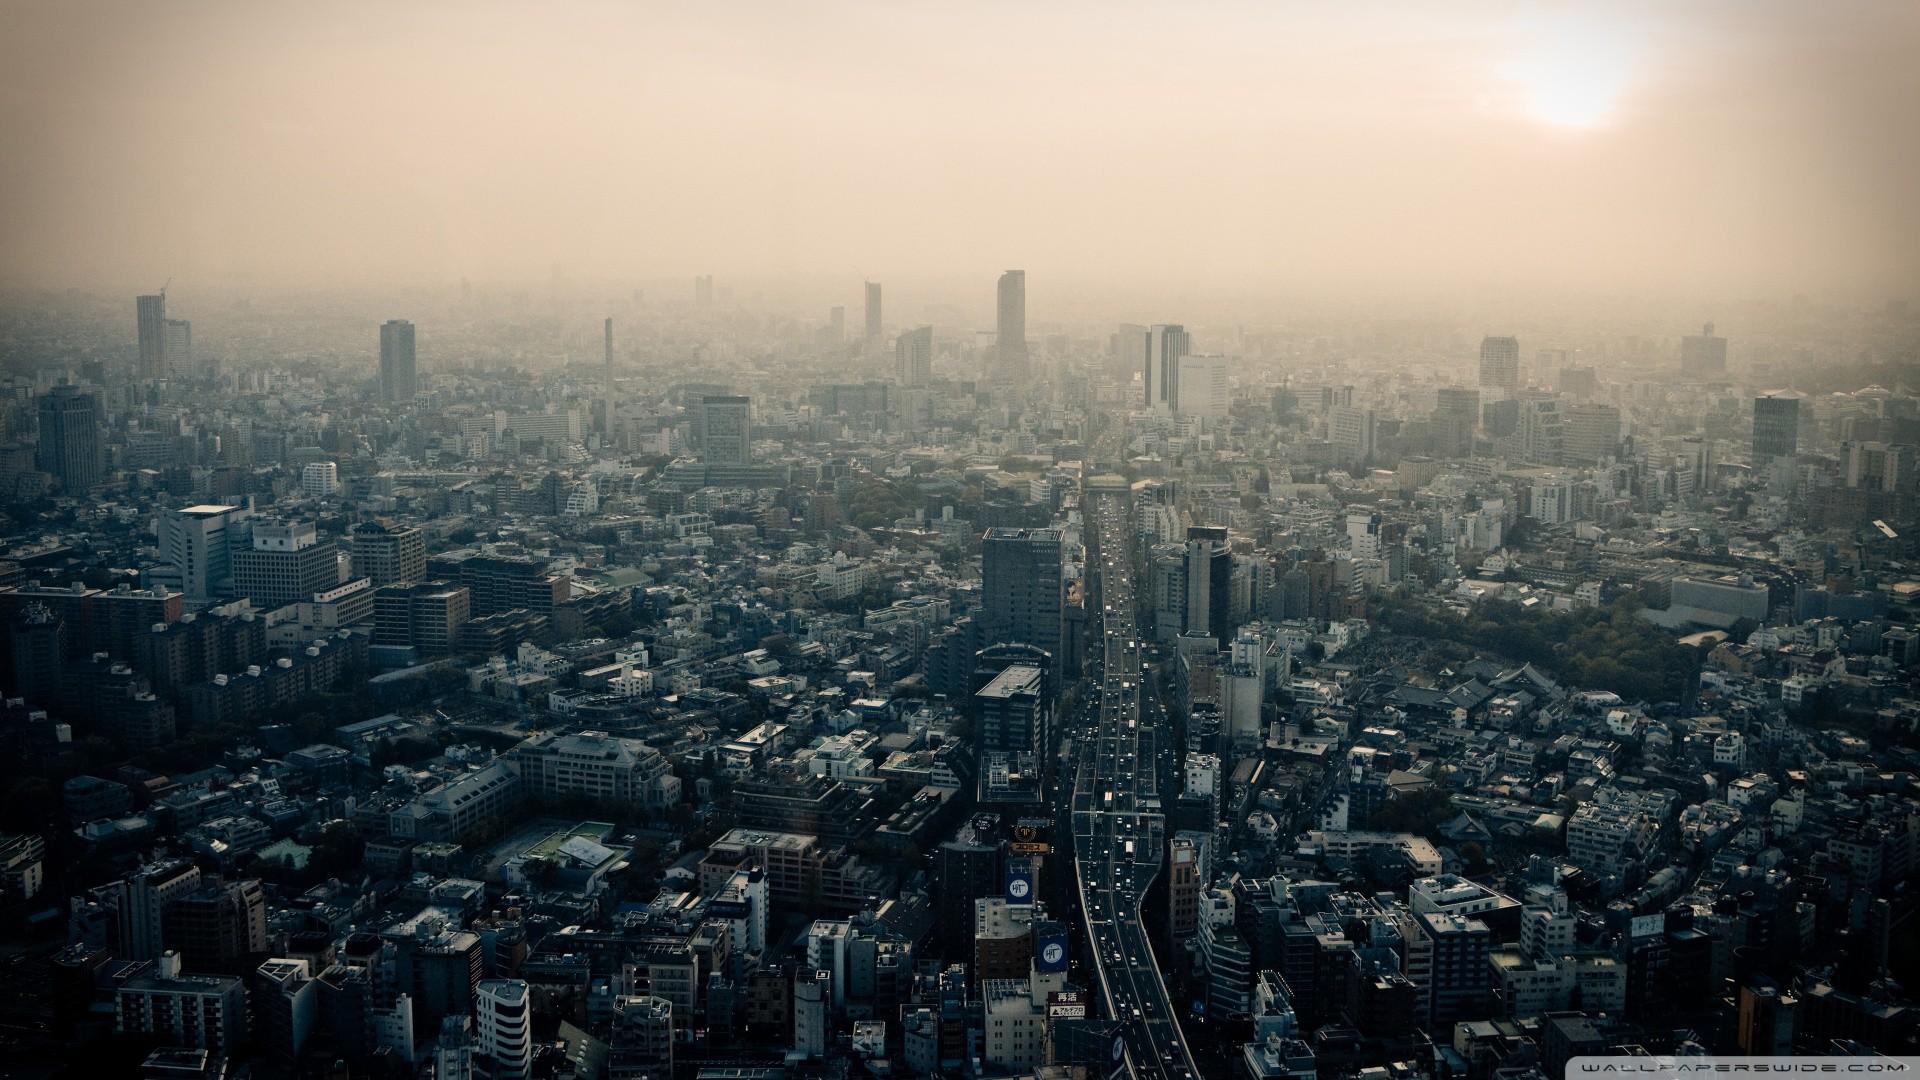 Tokyo Japan Bokeh City HD desktop wallpaper High Definition